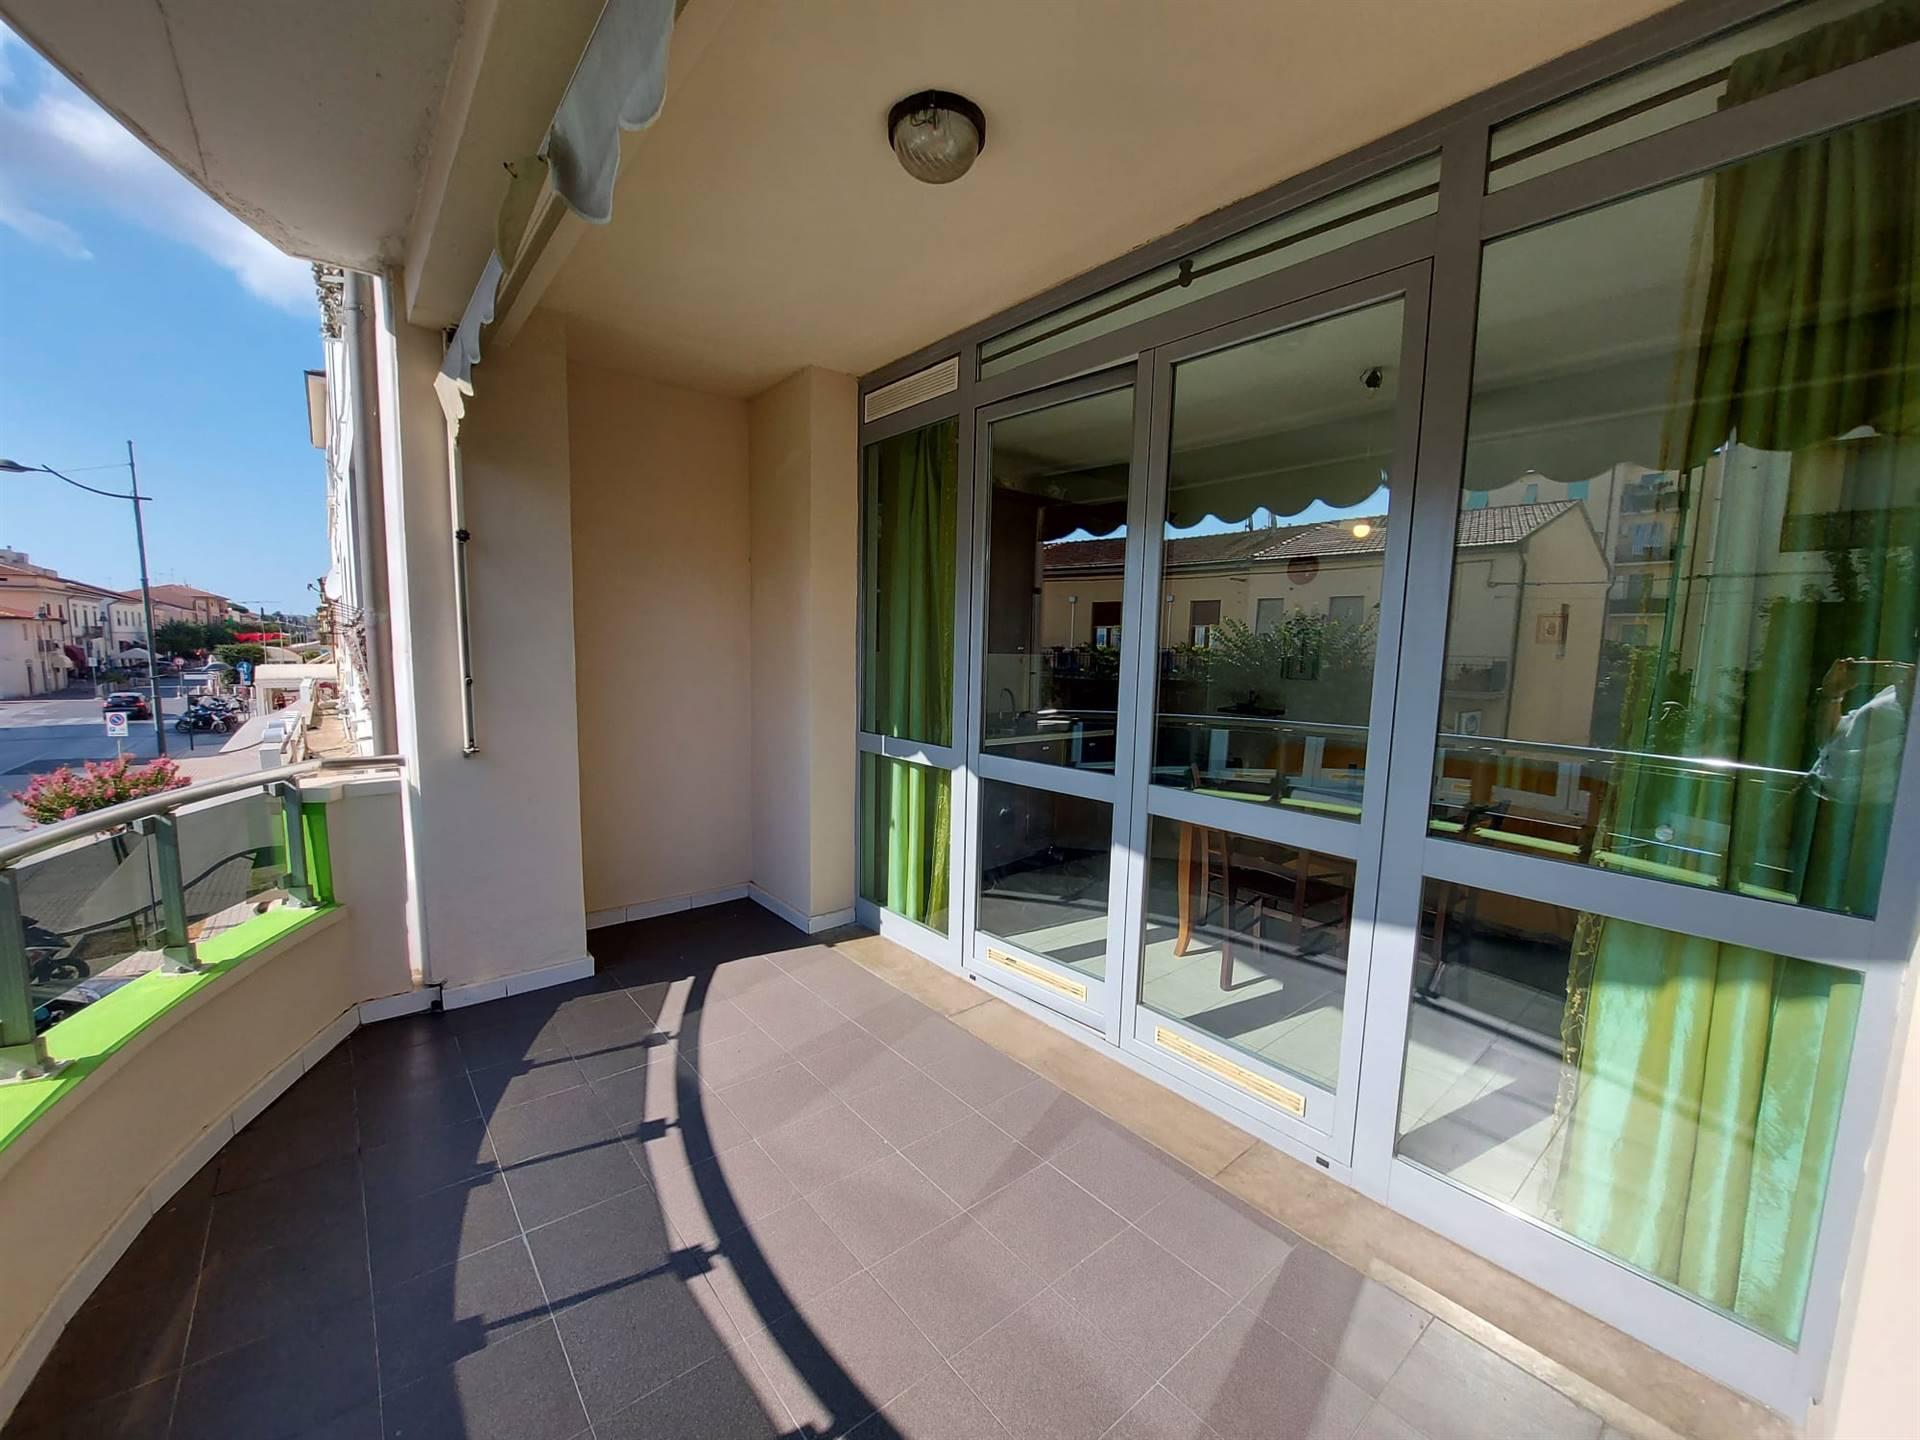 Appartamento in vendita a Campiglia Marittima, 3 locali, zona urina, prezzo € 128.000   PortaleAgenzieImmobiliari.it